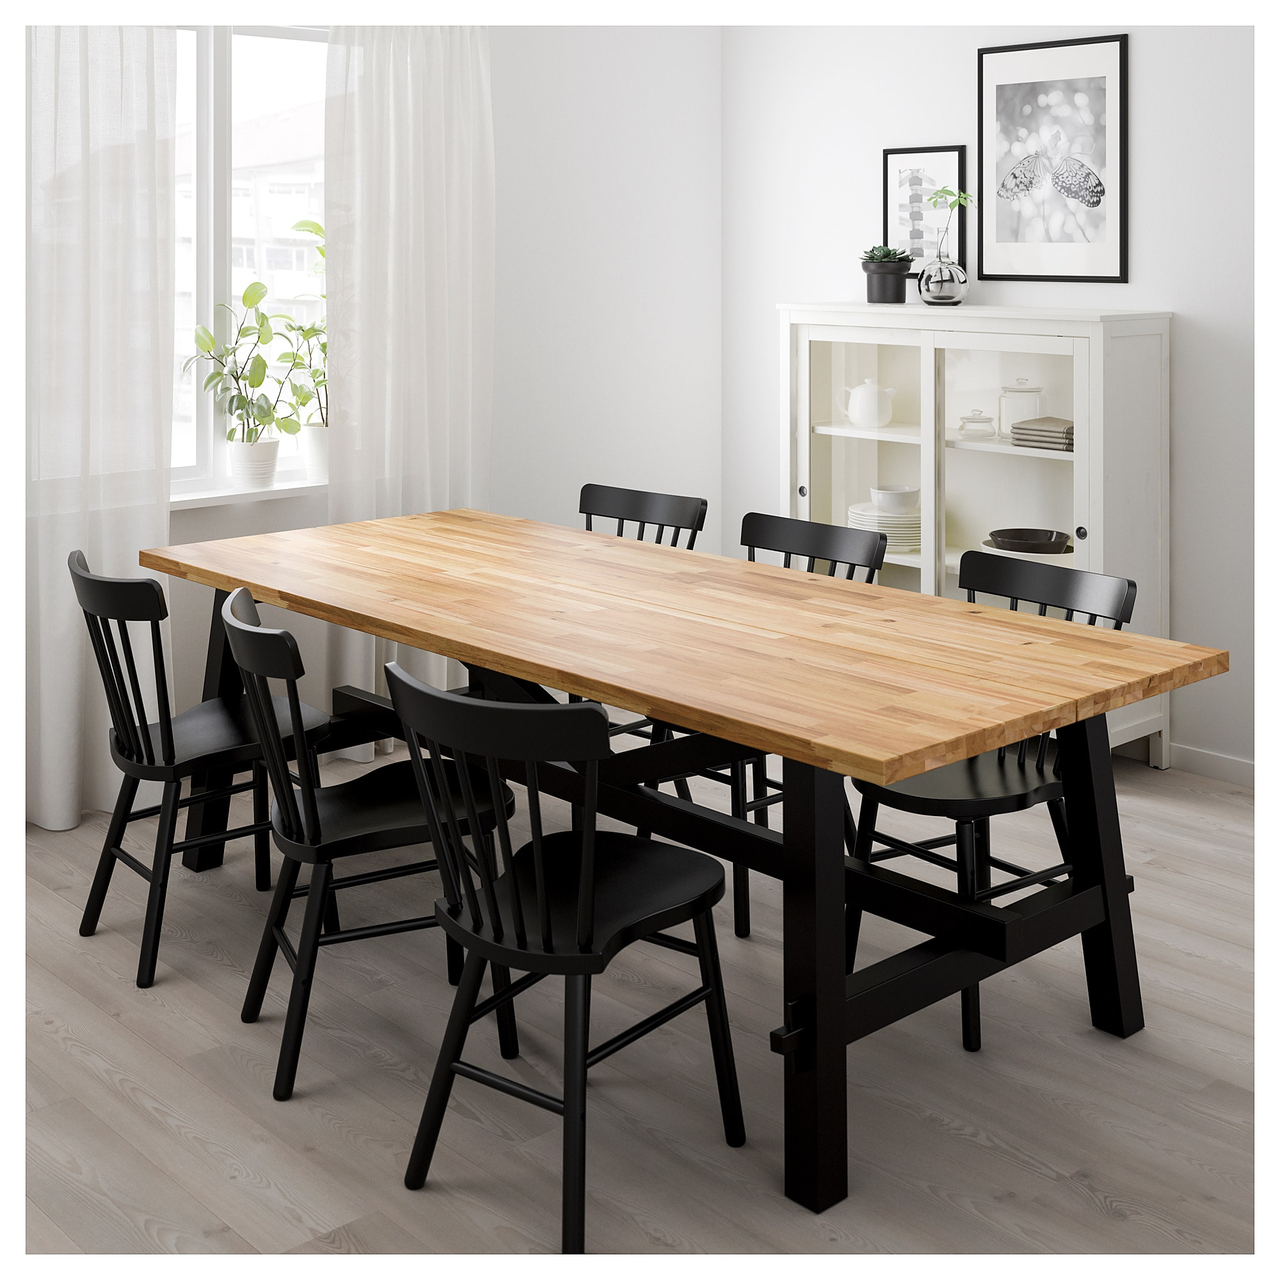 Стол и 6 стульев SKOGSTA / NORRARYD